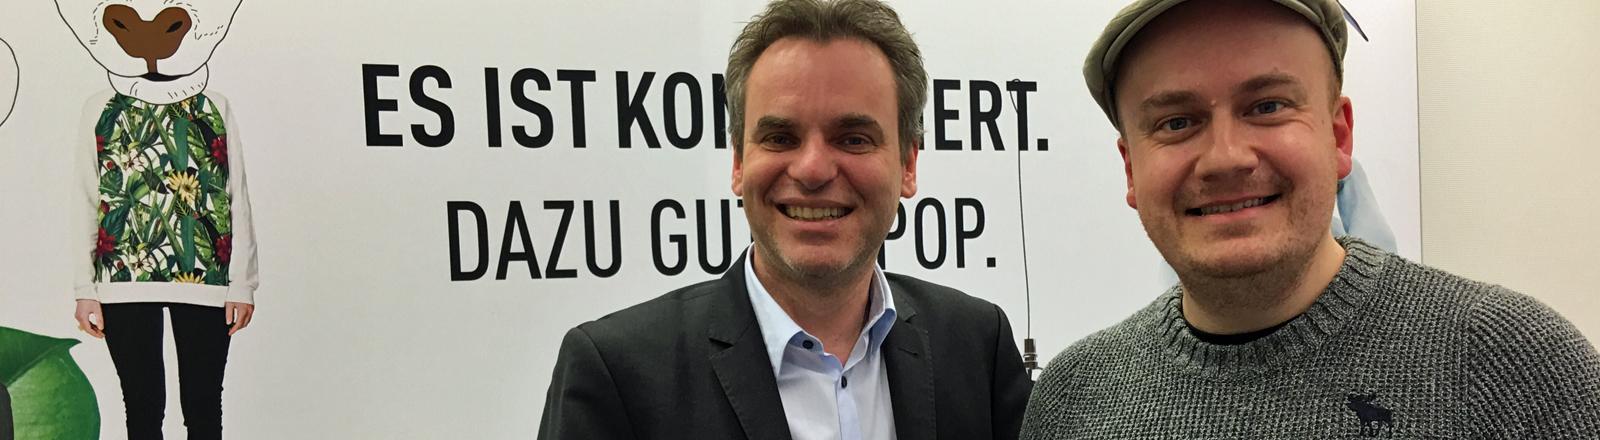 DJV-Chef, Journalist und Dozent Frank Überall besucht DRadio Wissen und Moderator Daniel Fiene.